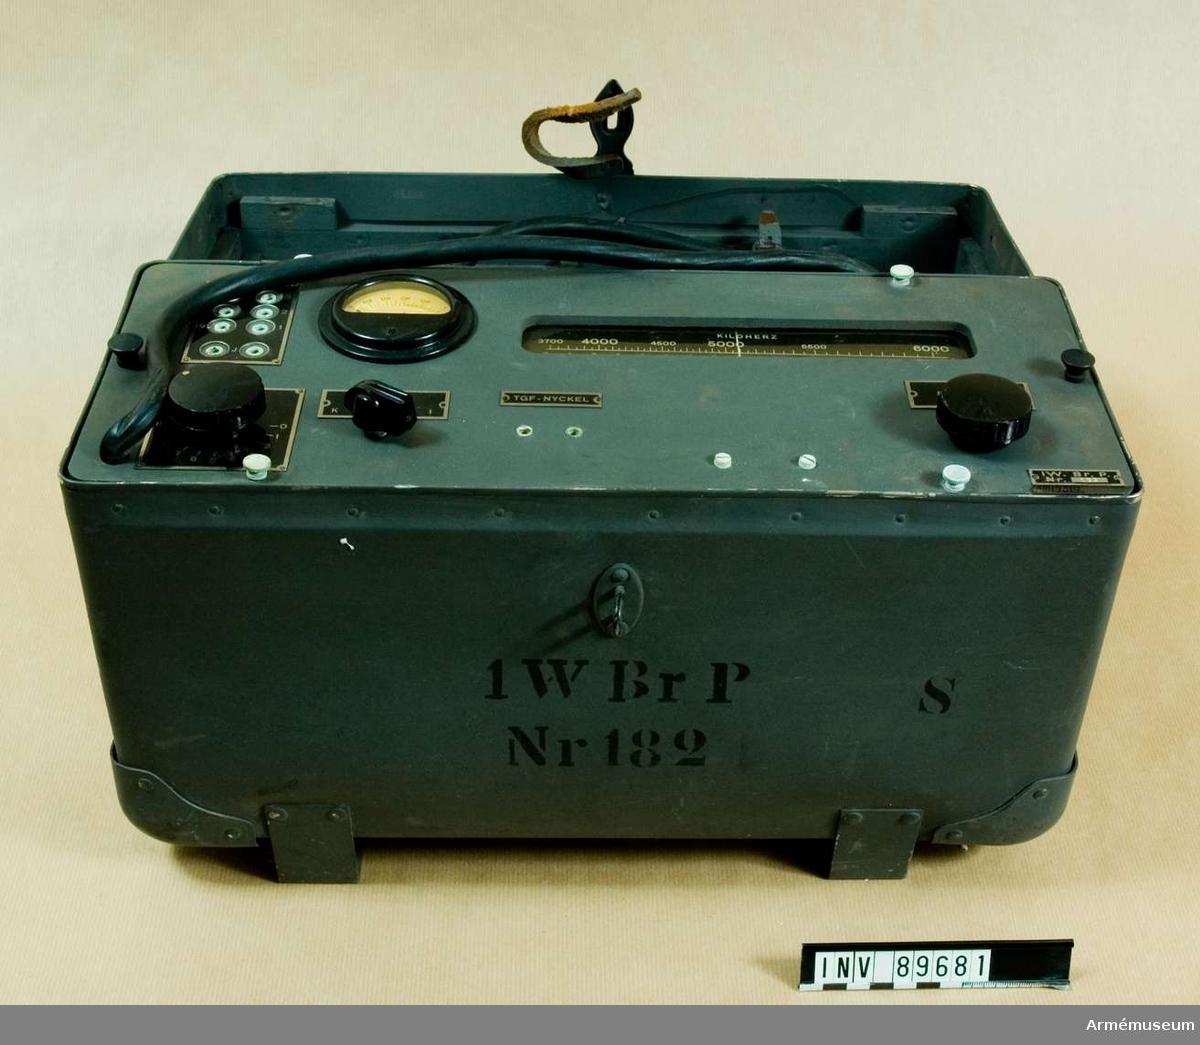 """Sändarlåda med sändarapparat. Märkt: 1 W Br P Nr. 182 (S). Antennvinda, antennlina, motviktslina, skruvmejsel och spetsstång saknas. Sändaren är uppbyggd på ett plåtchassi med frontplattan av """"masonite"""" och insatt i en låda av vulcanfiber """"unica"""", lådan är försedd med handtag och för bärning i mes. Mått: 420 x 263 x 175 mm."""